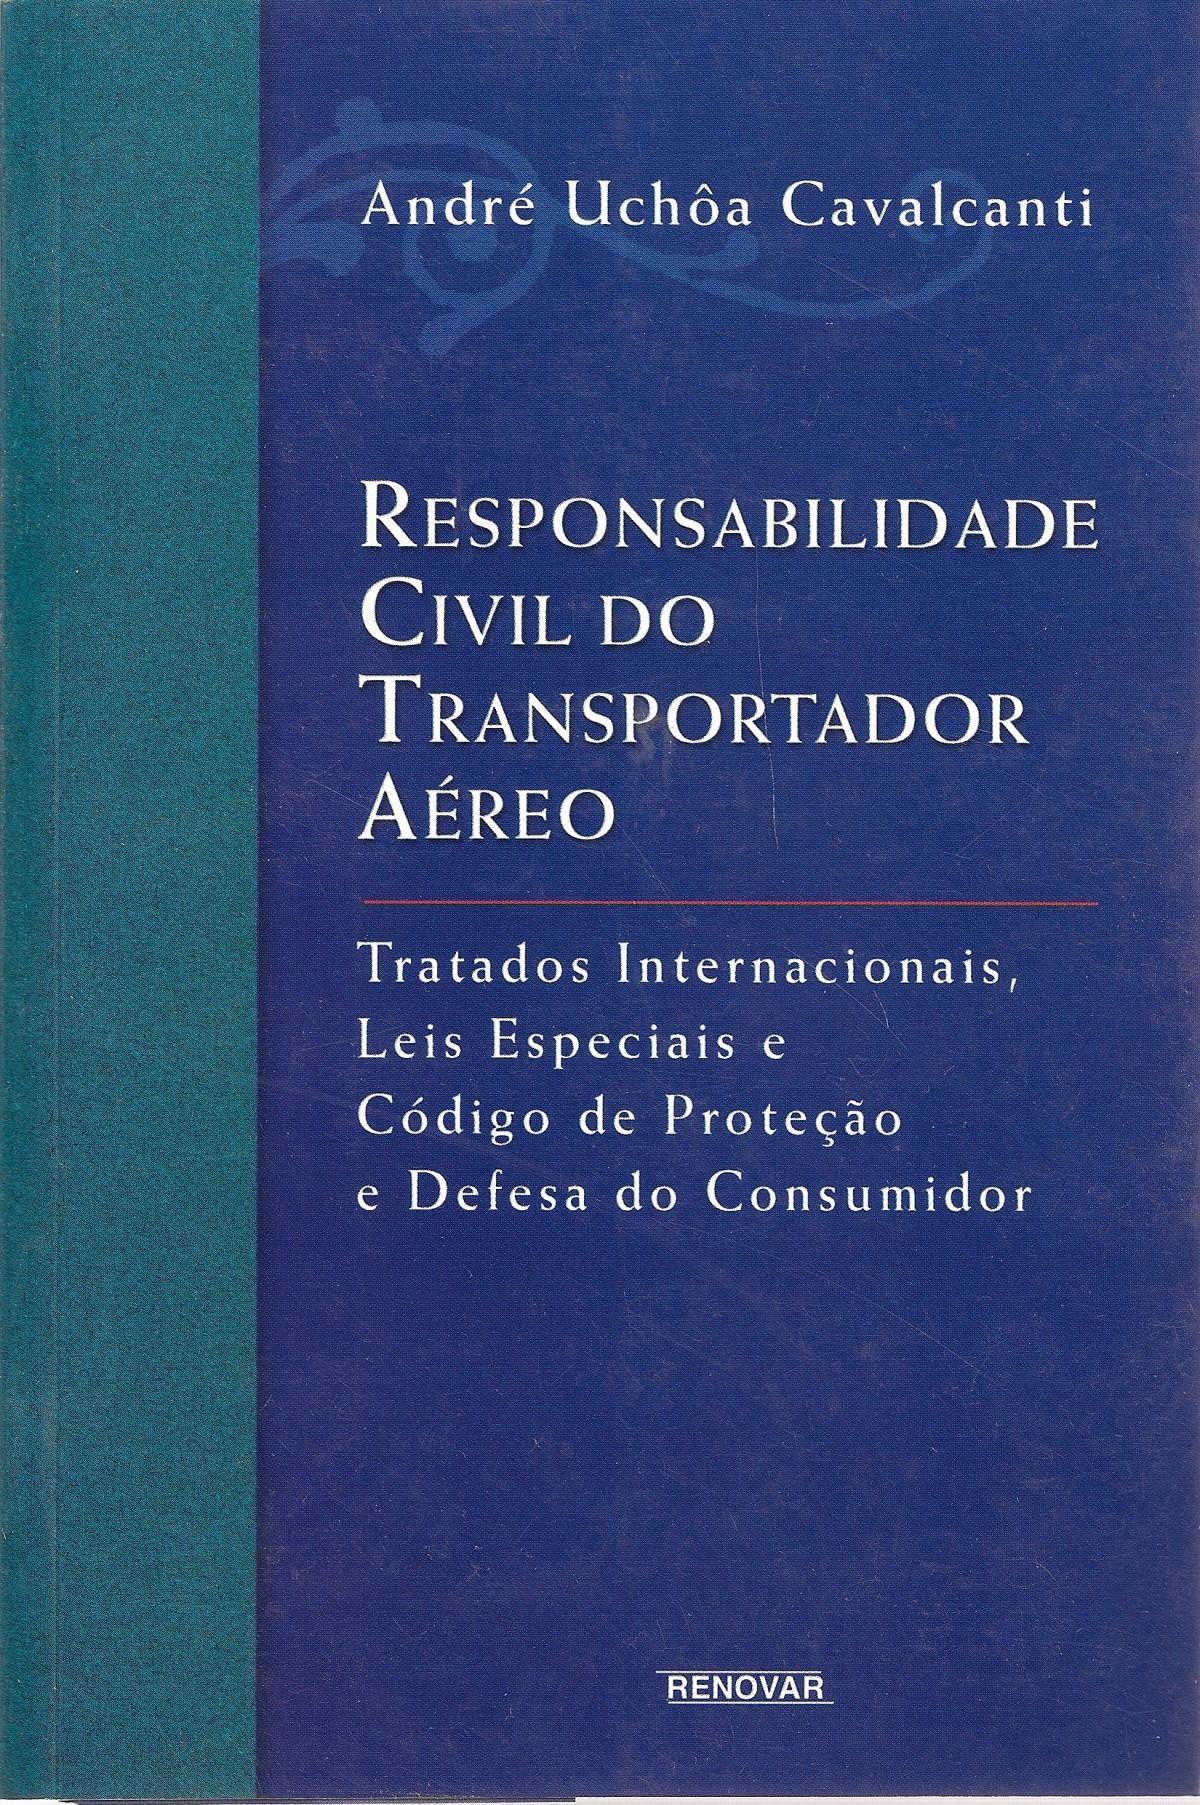 Foto 1 - Responsabilidade Civil do Transportador Aéreo